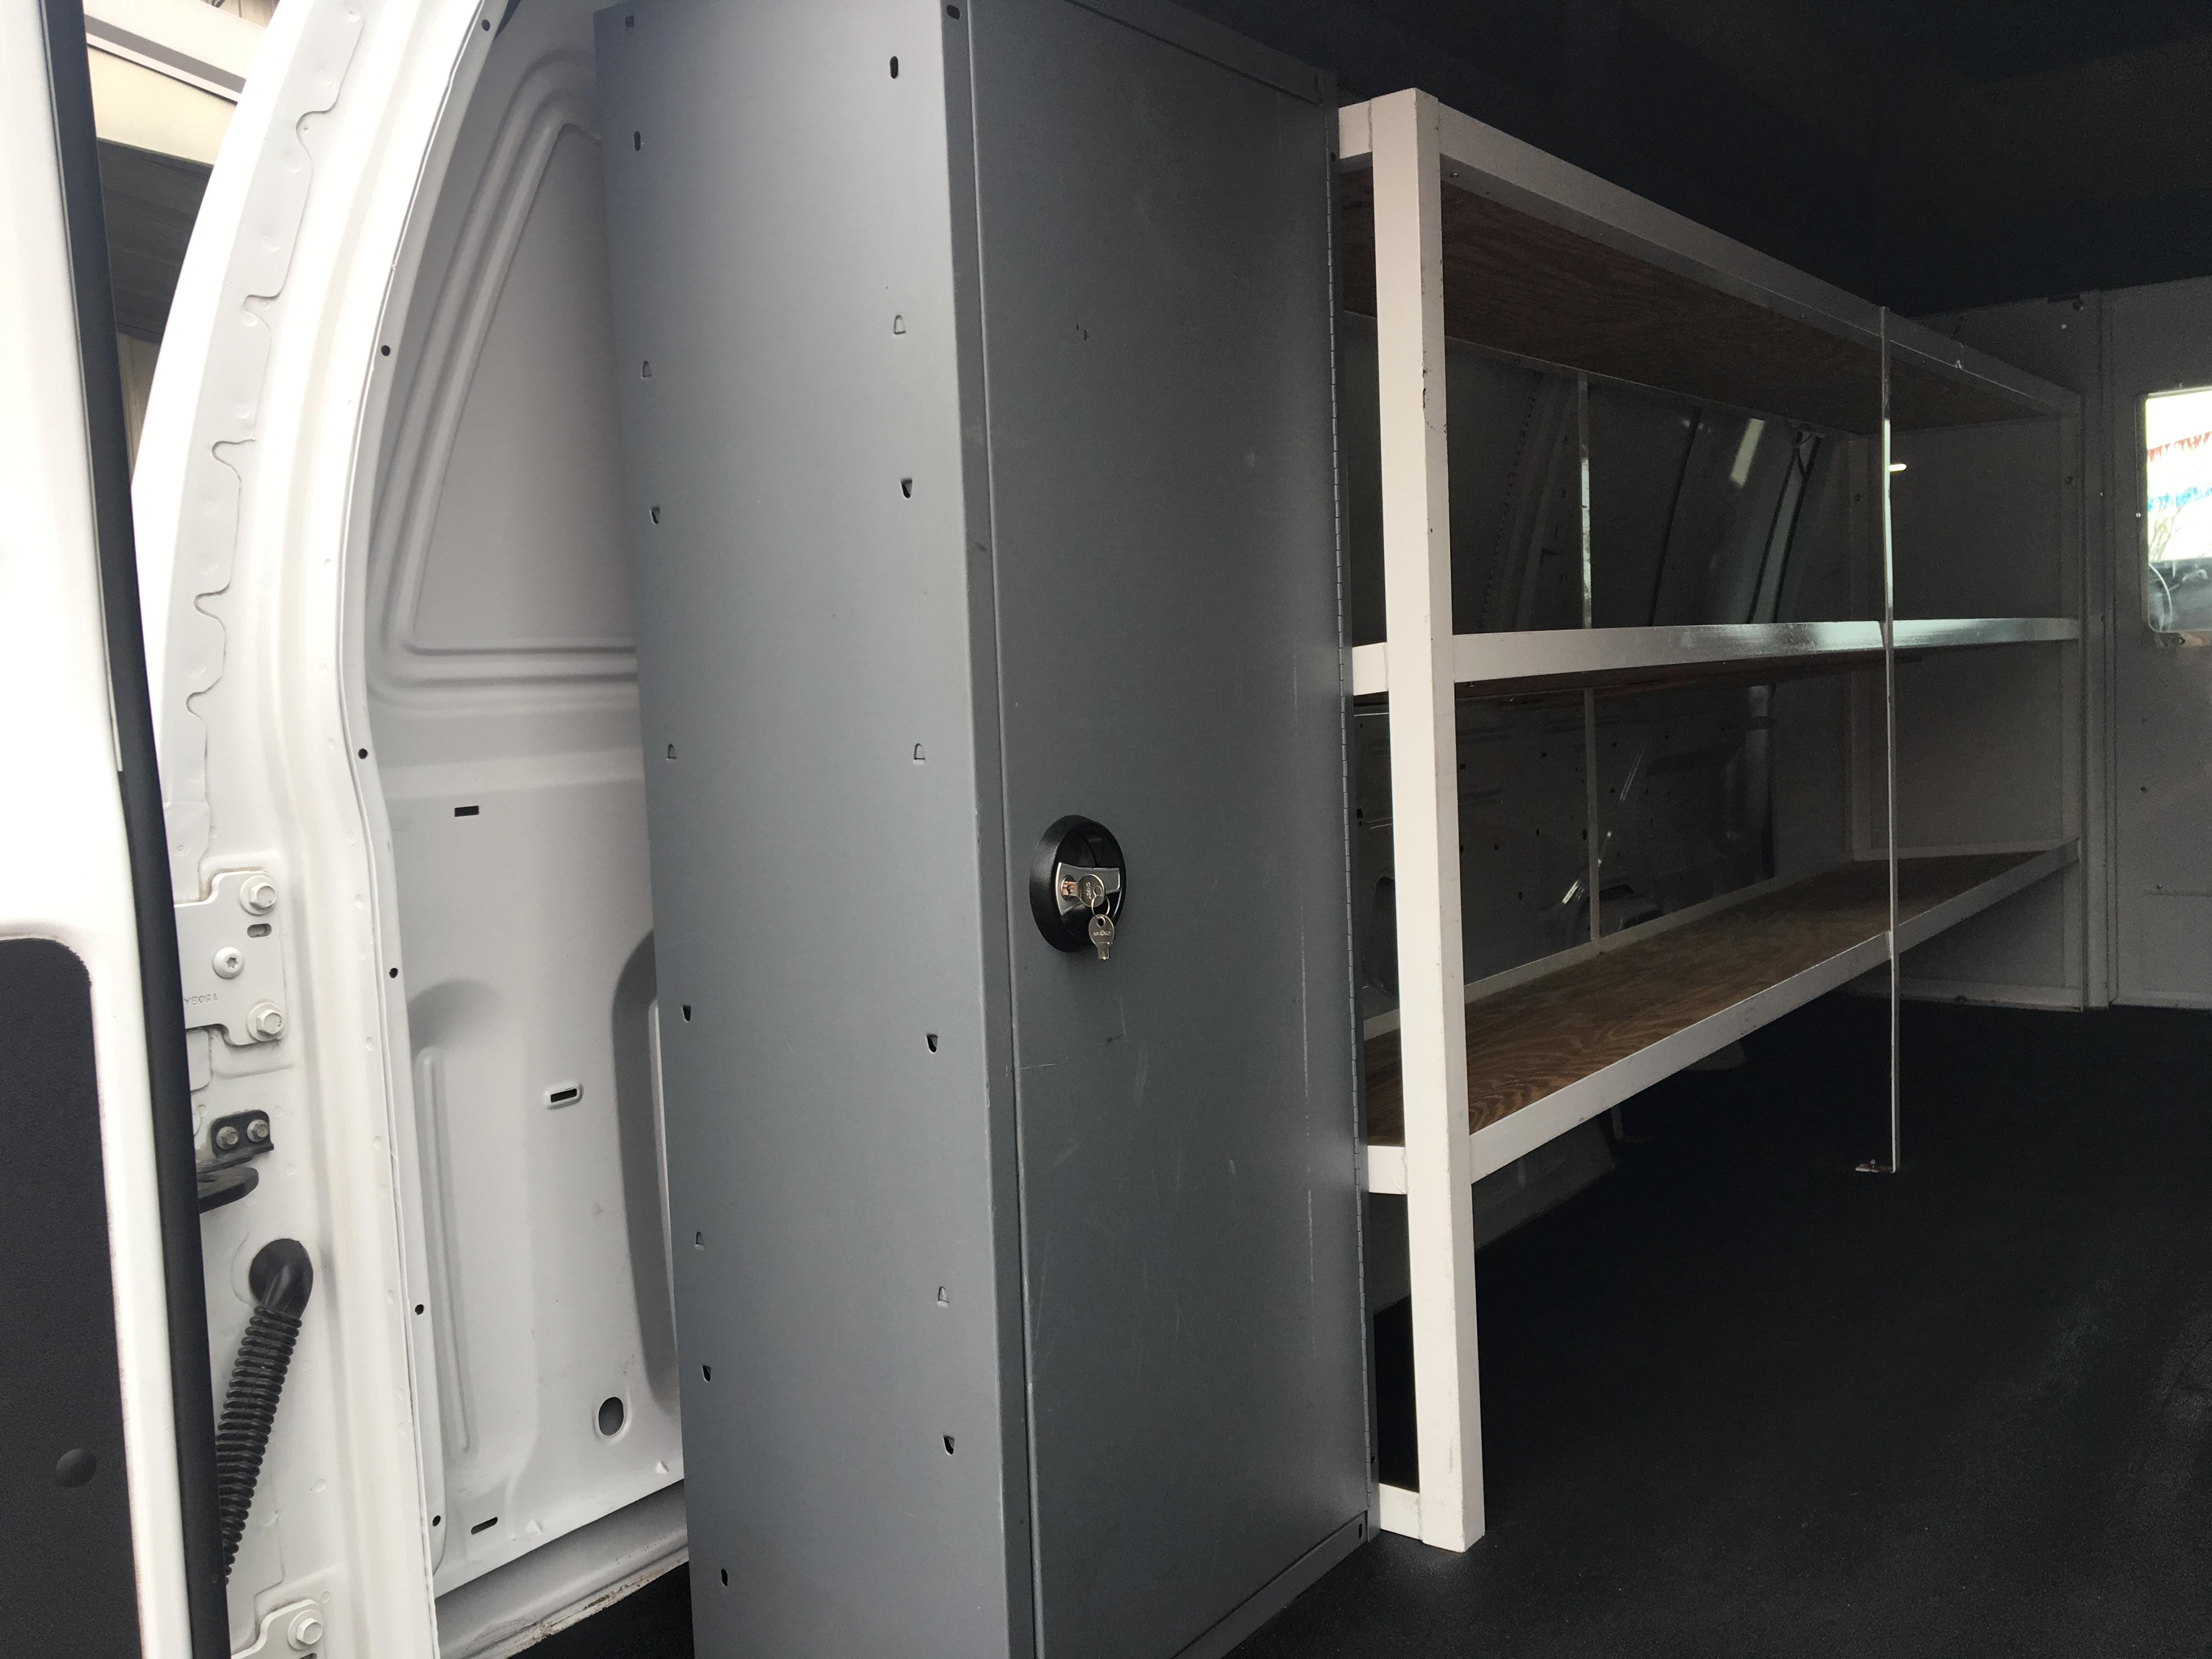 2013 Ford E-350 Extended Cargo Van